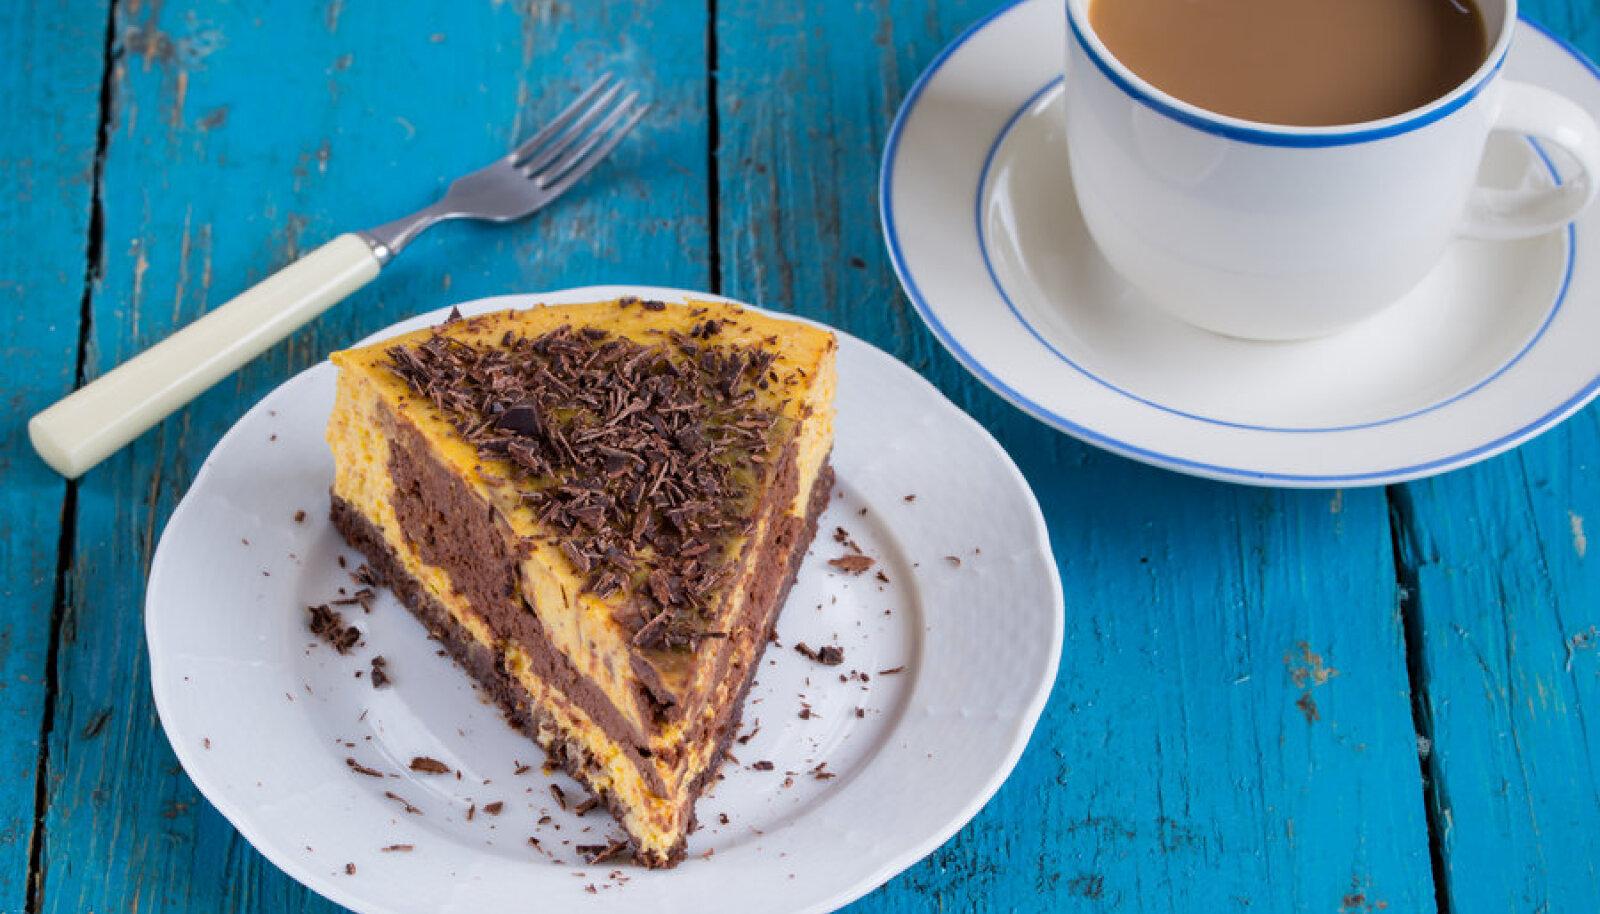 Selle koogi teeb kollaseks just meie loo peakangelane kõrvits.  Šokolaadihelbed sobivad ni värvi kui ka maitse poolest.